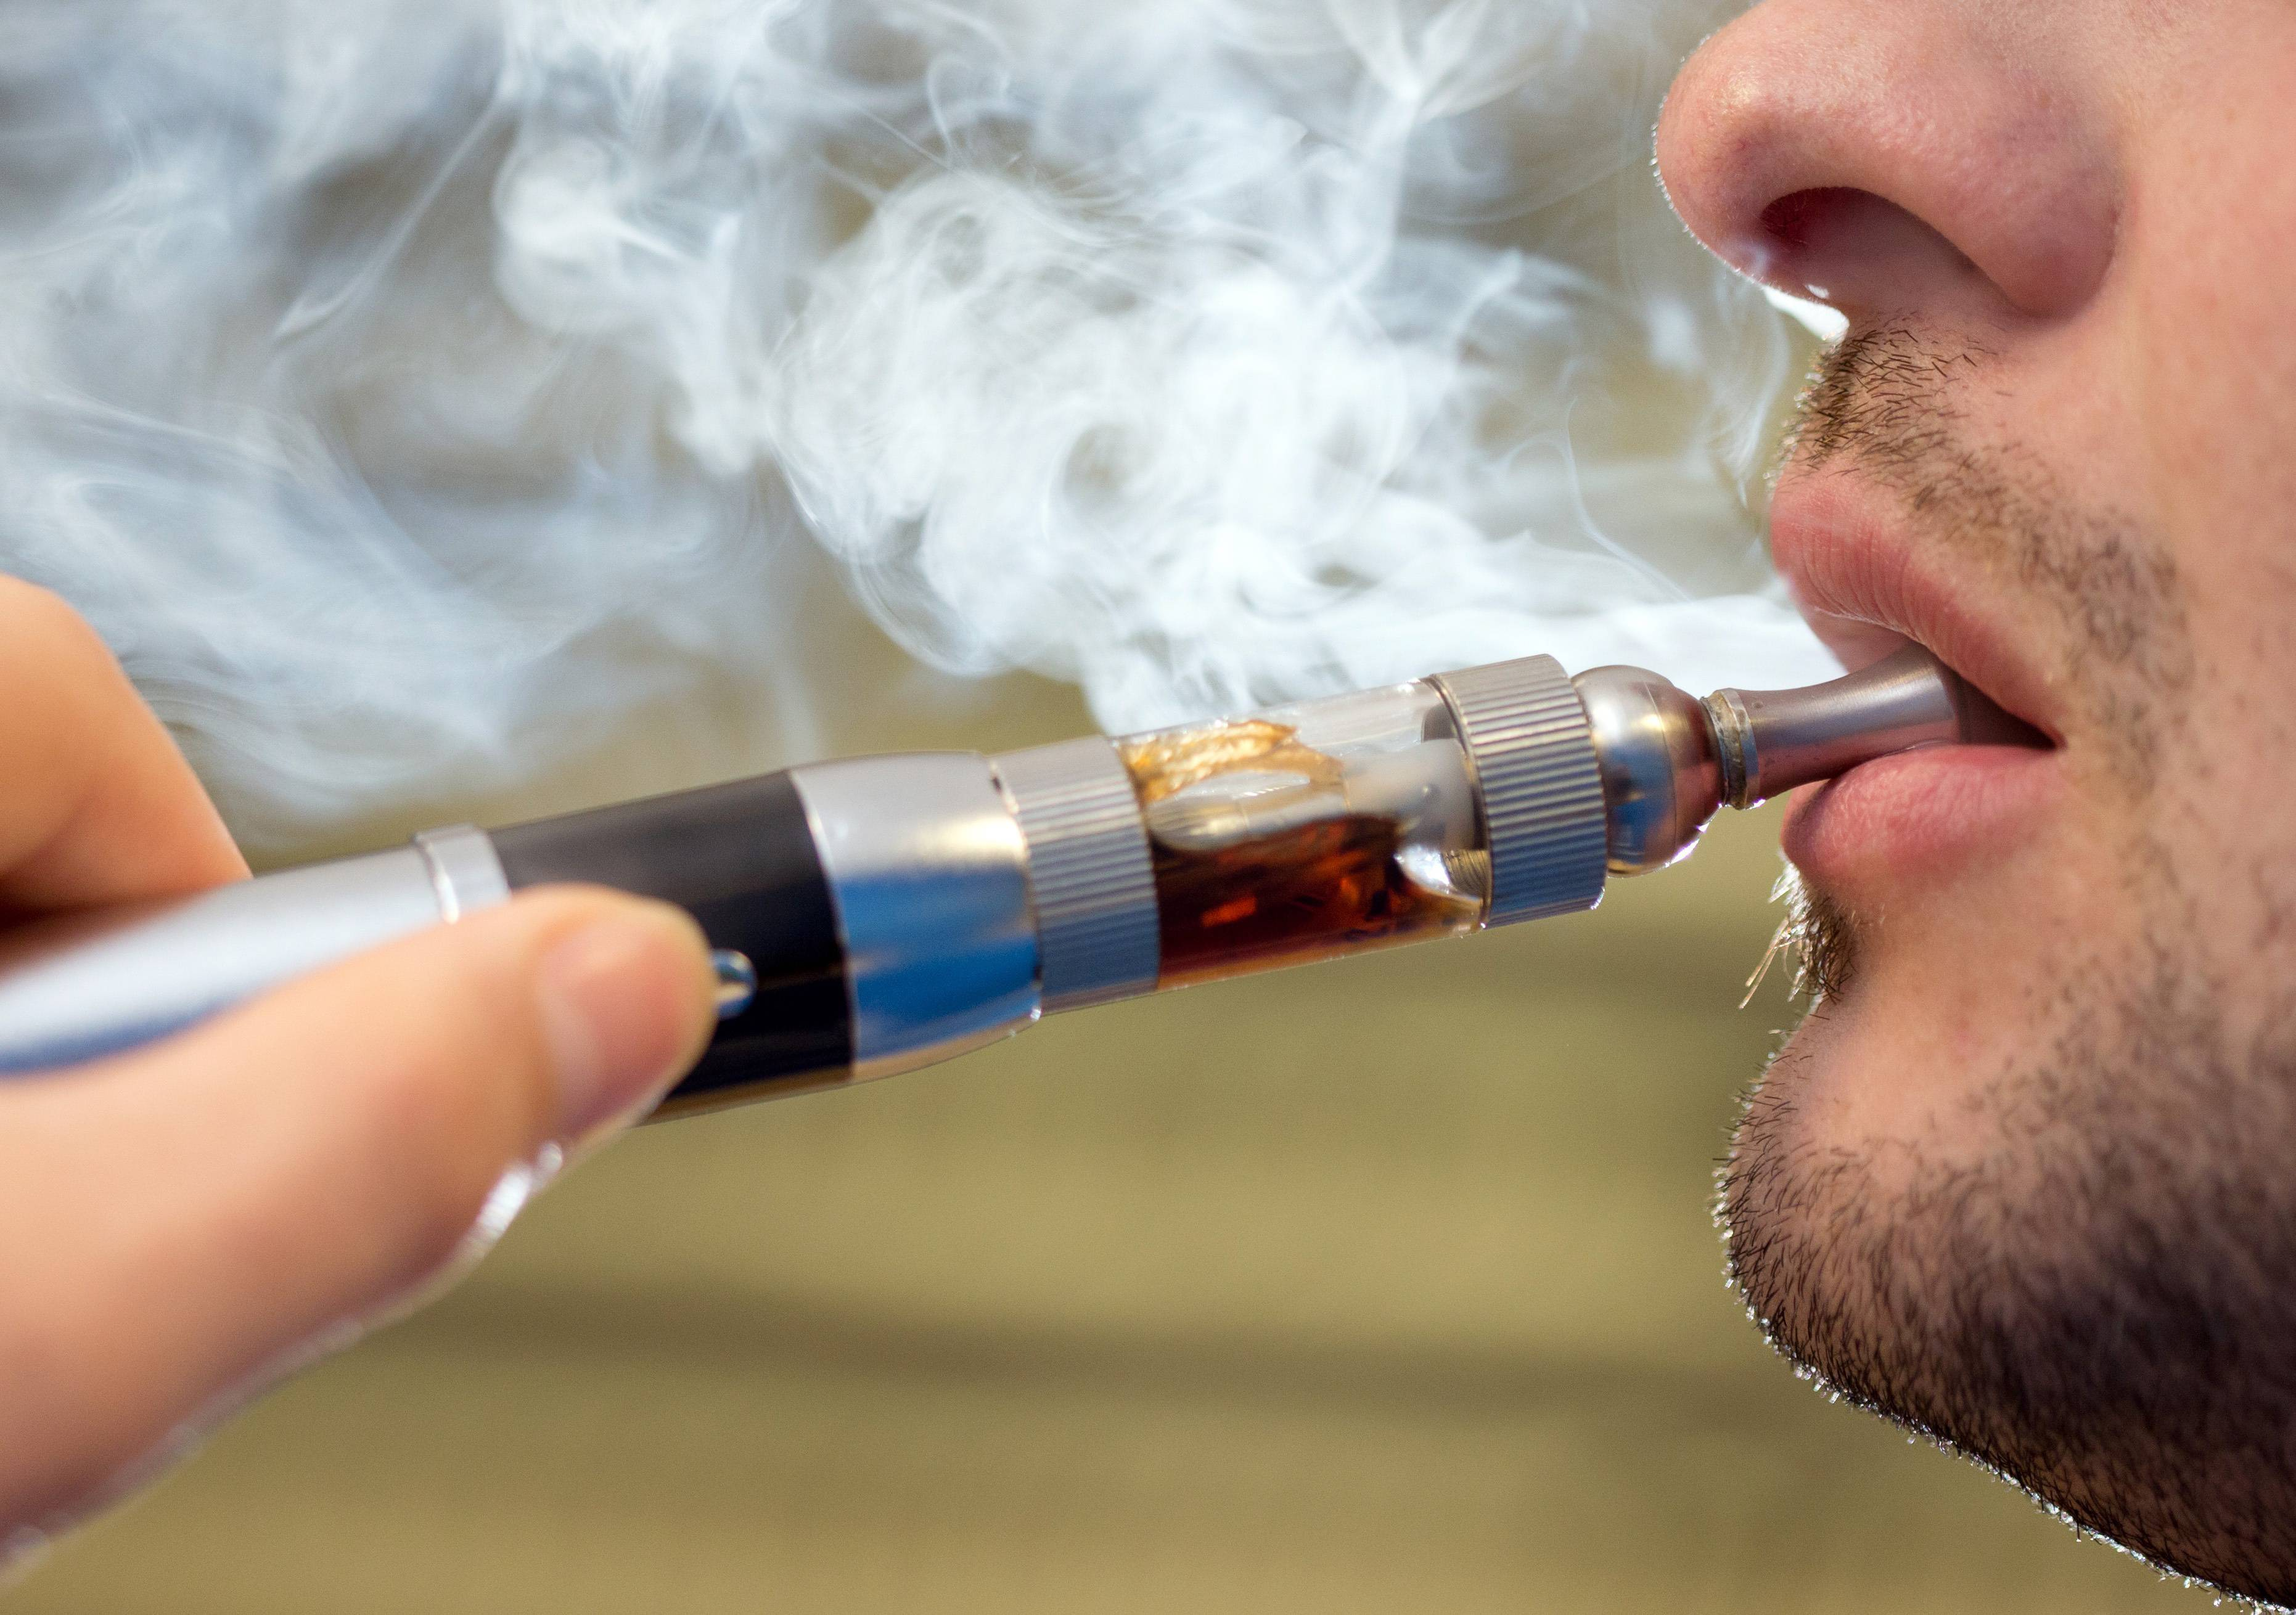 sigaretta elettronica fa male